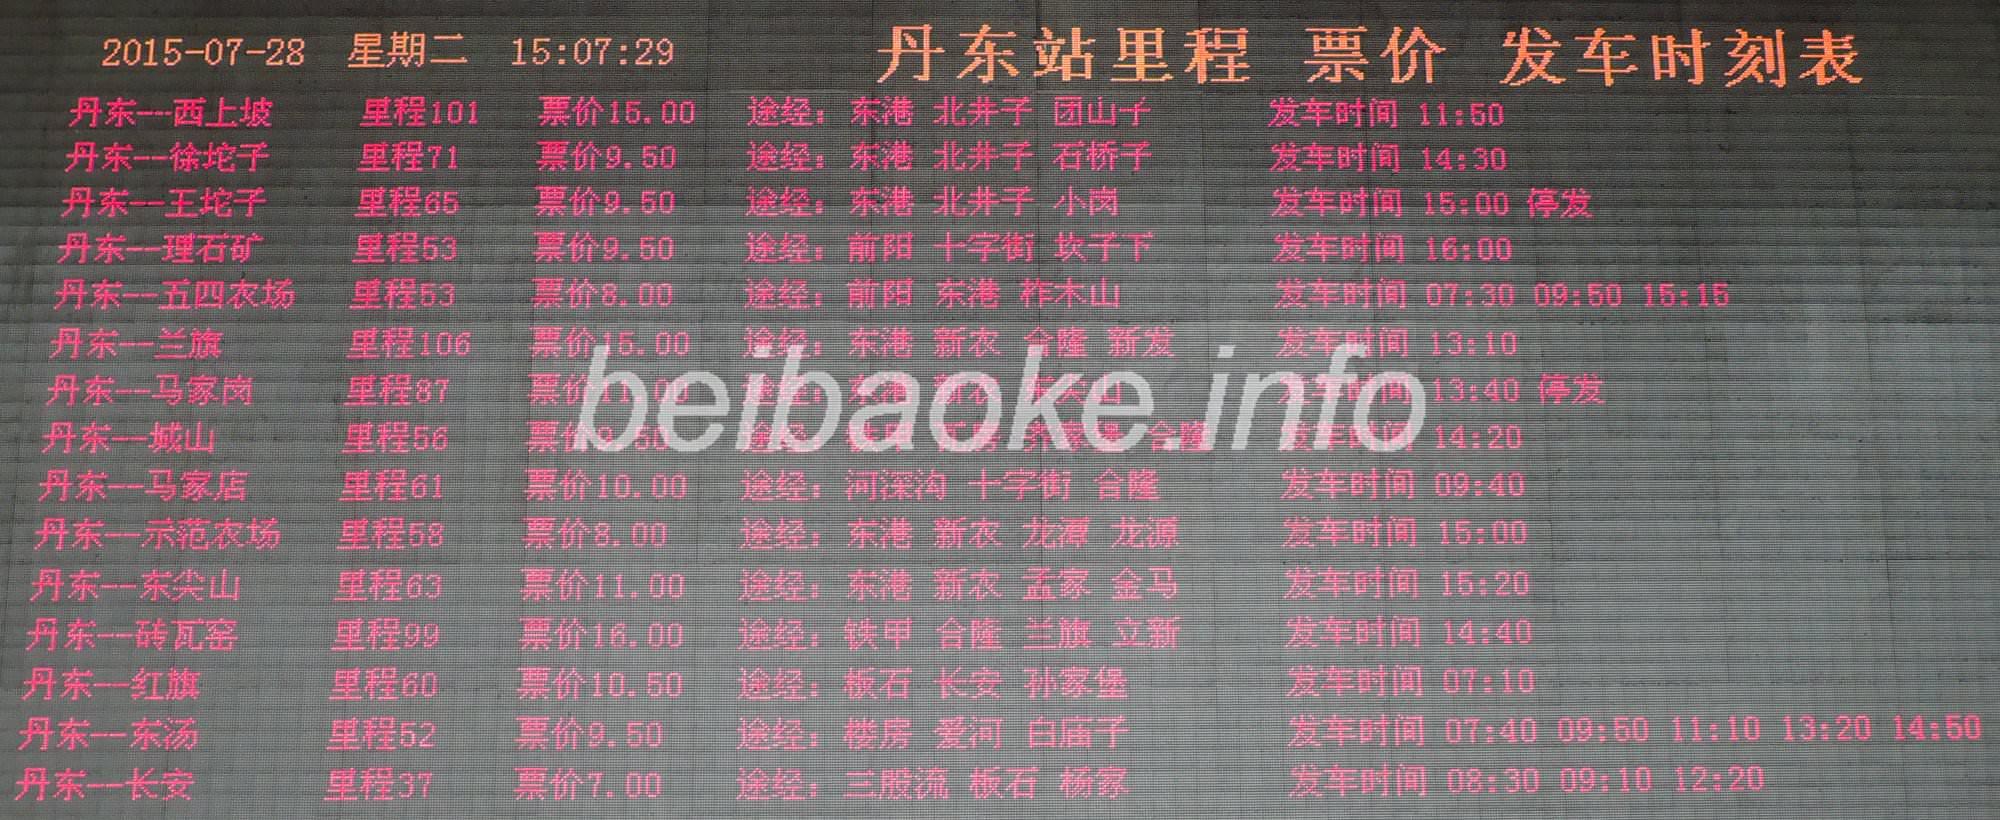 丹東客運站時刻表